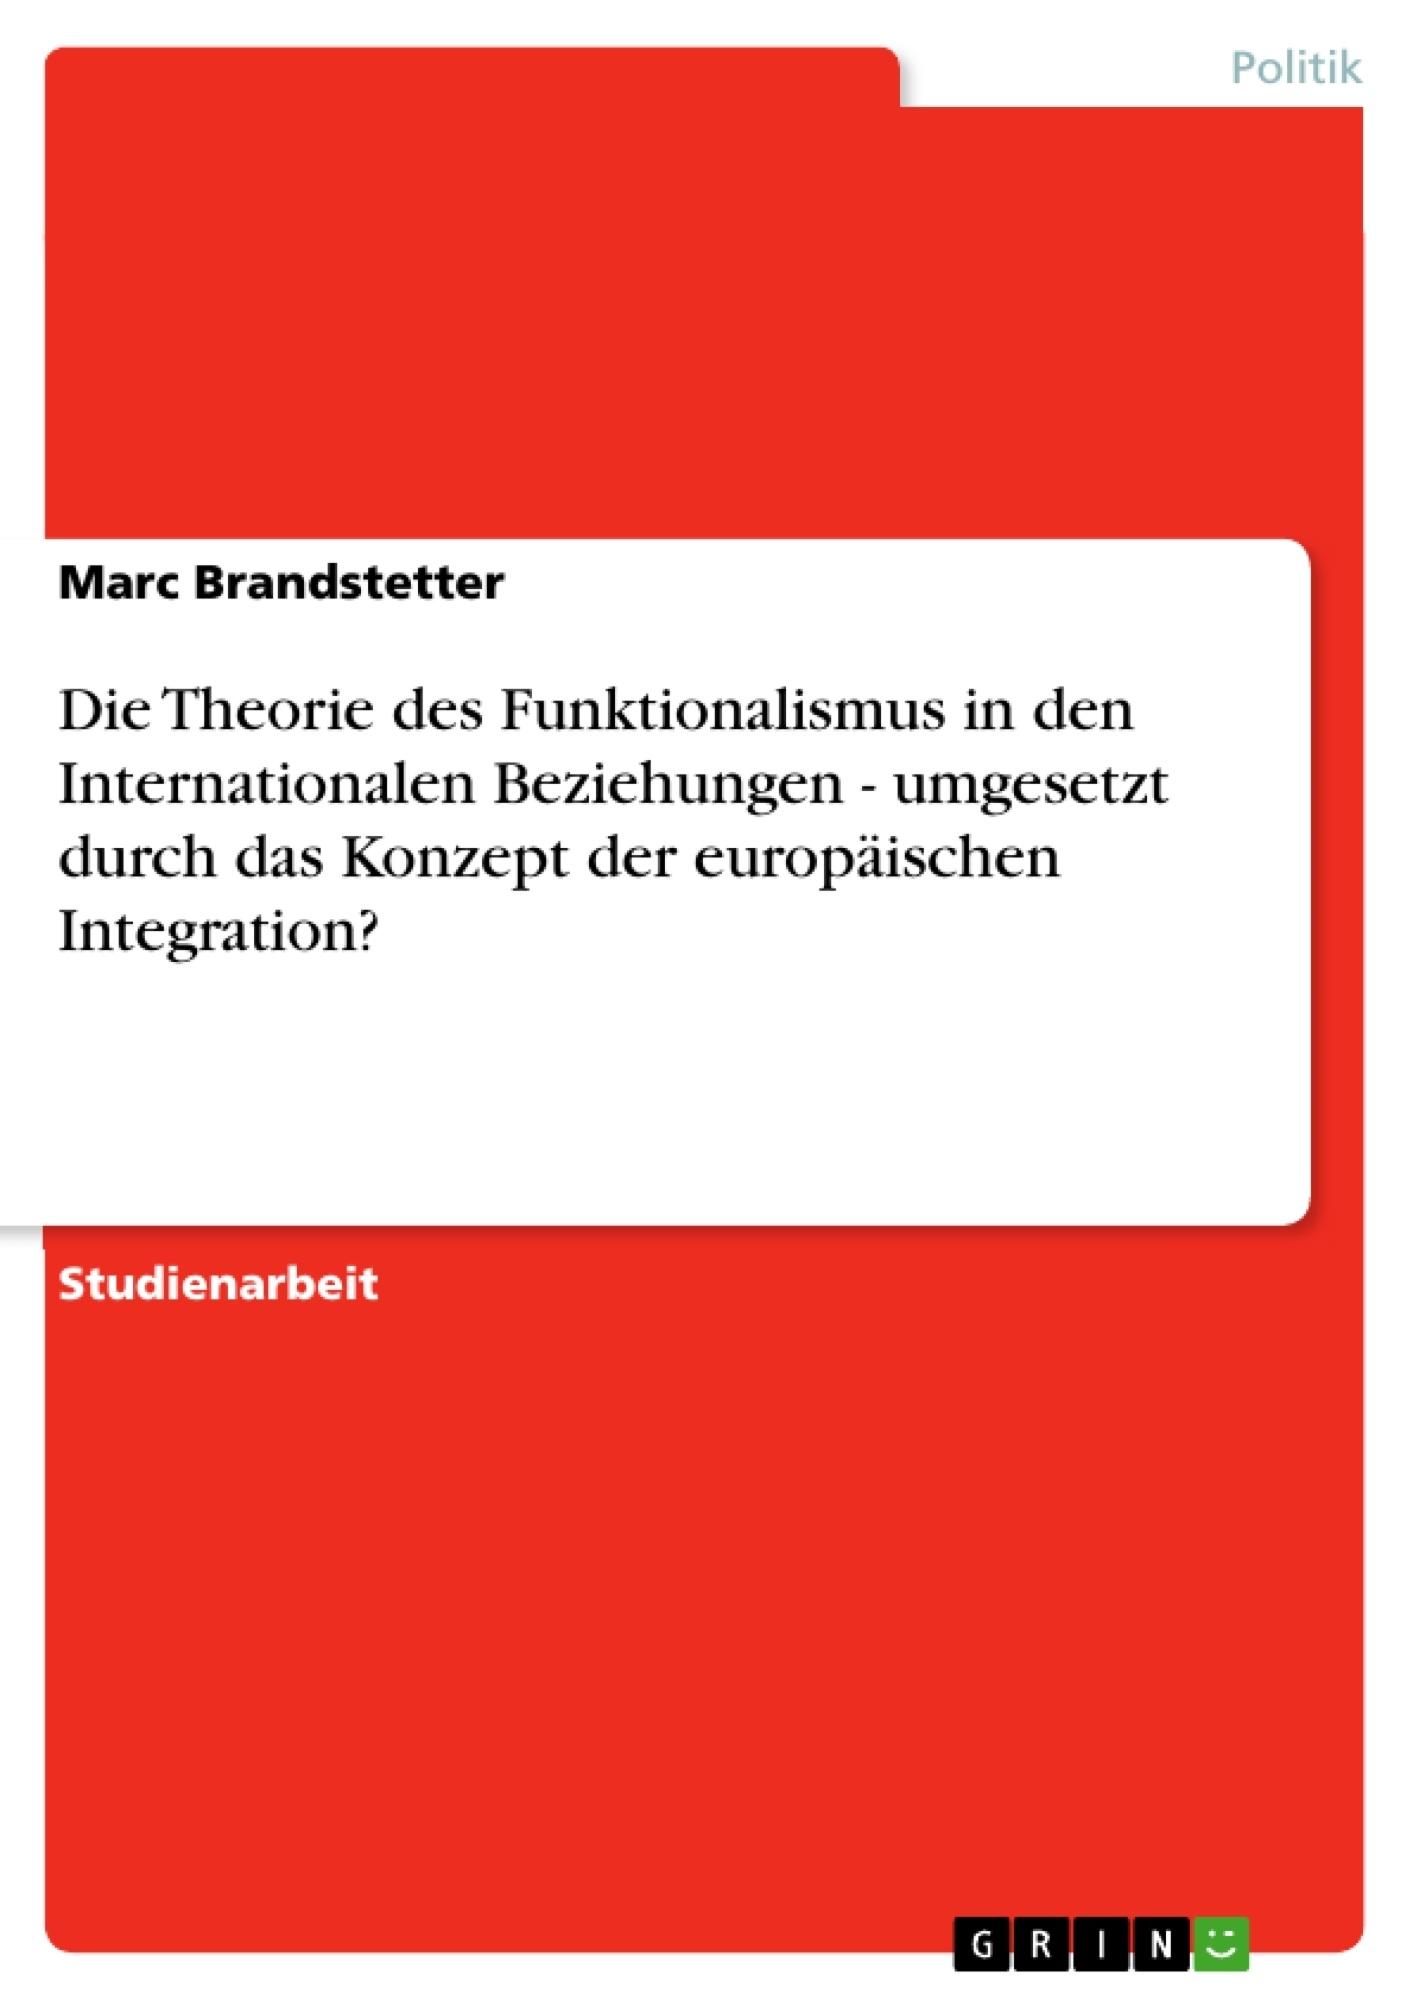 Titel: Die Theorie des Funktionalismus in den Internationalen Beziehungen - umgesetzt durch das Konzept der europäischen Integration?